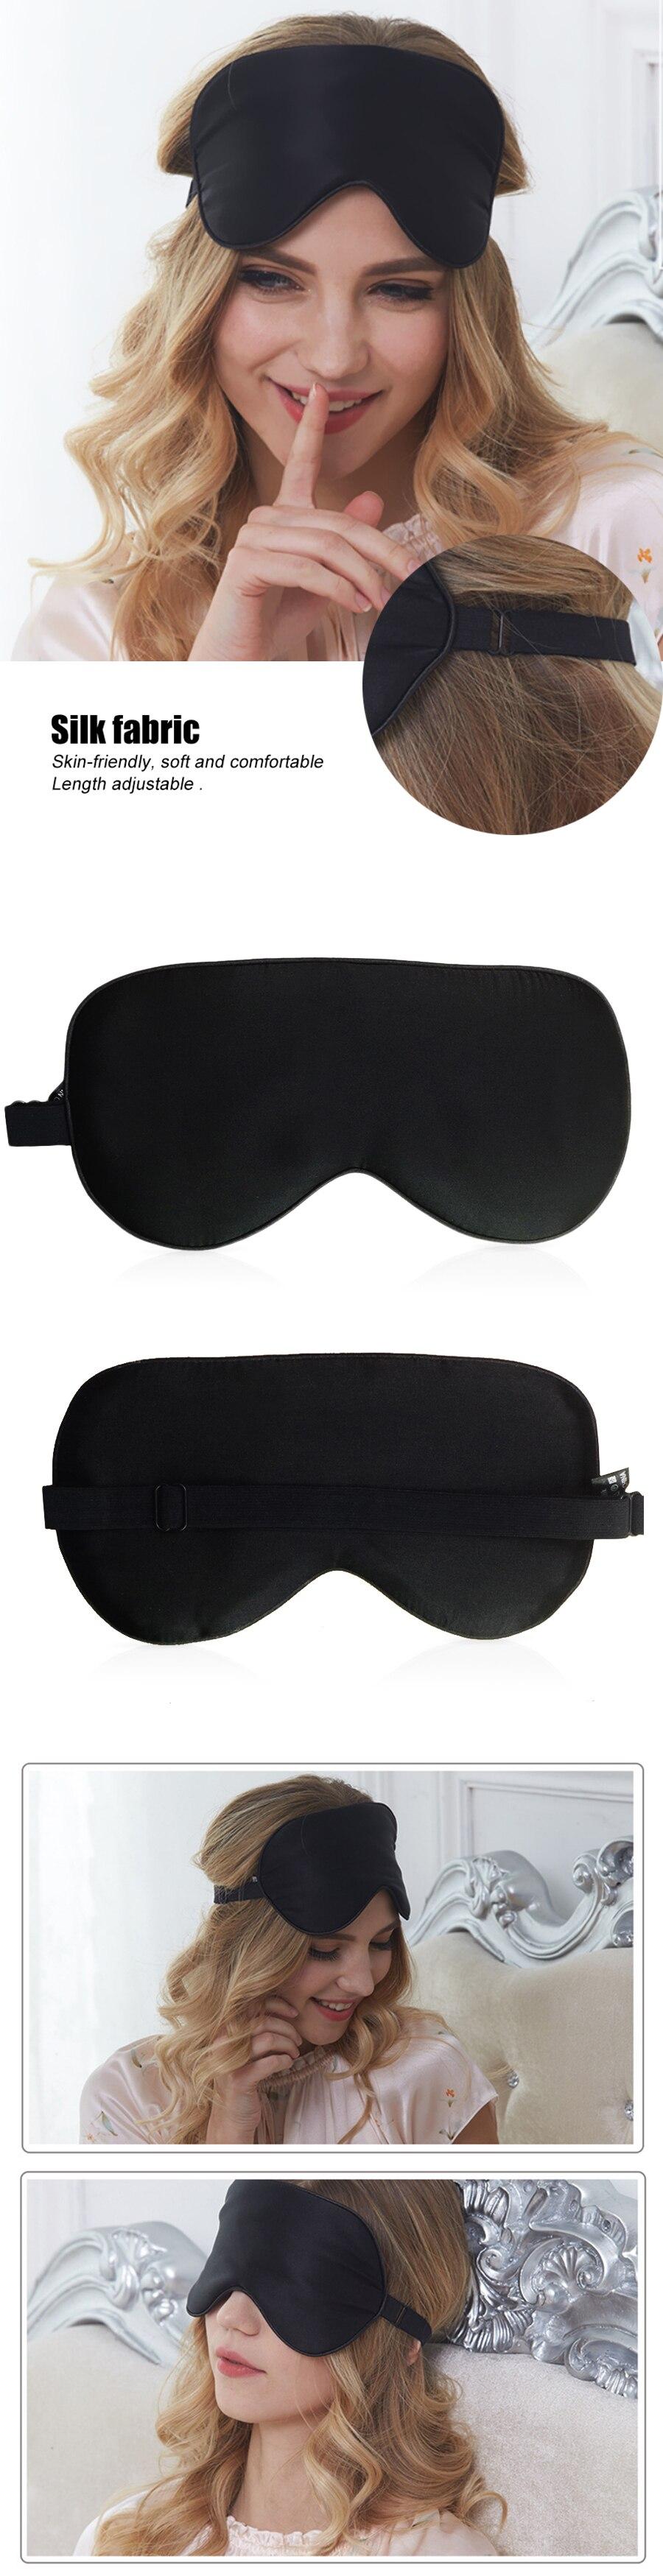 1 шт сверхгладкая маска для сна из натурального шелка тутового